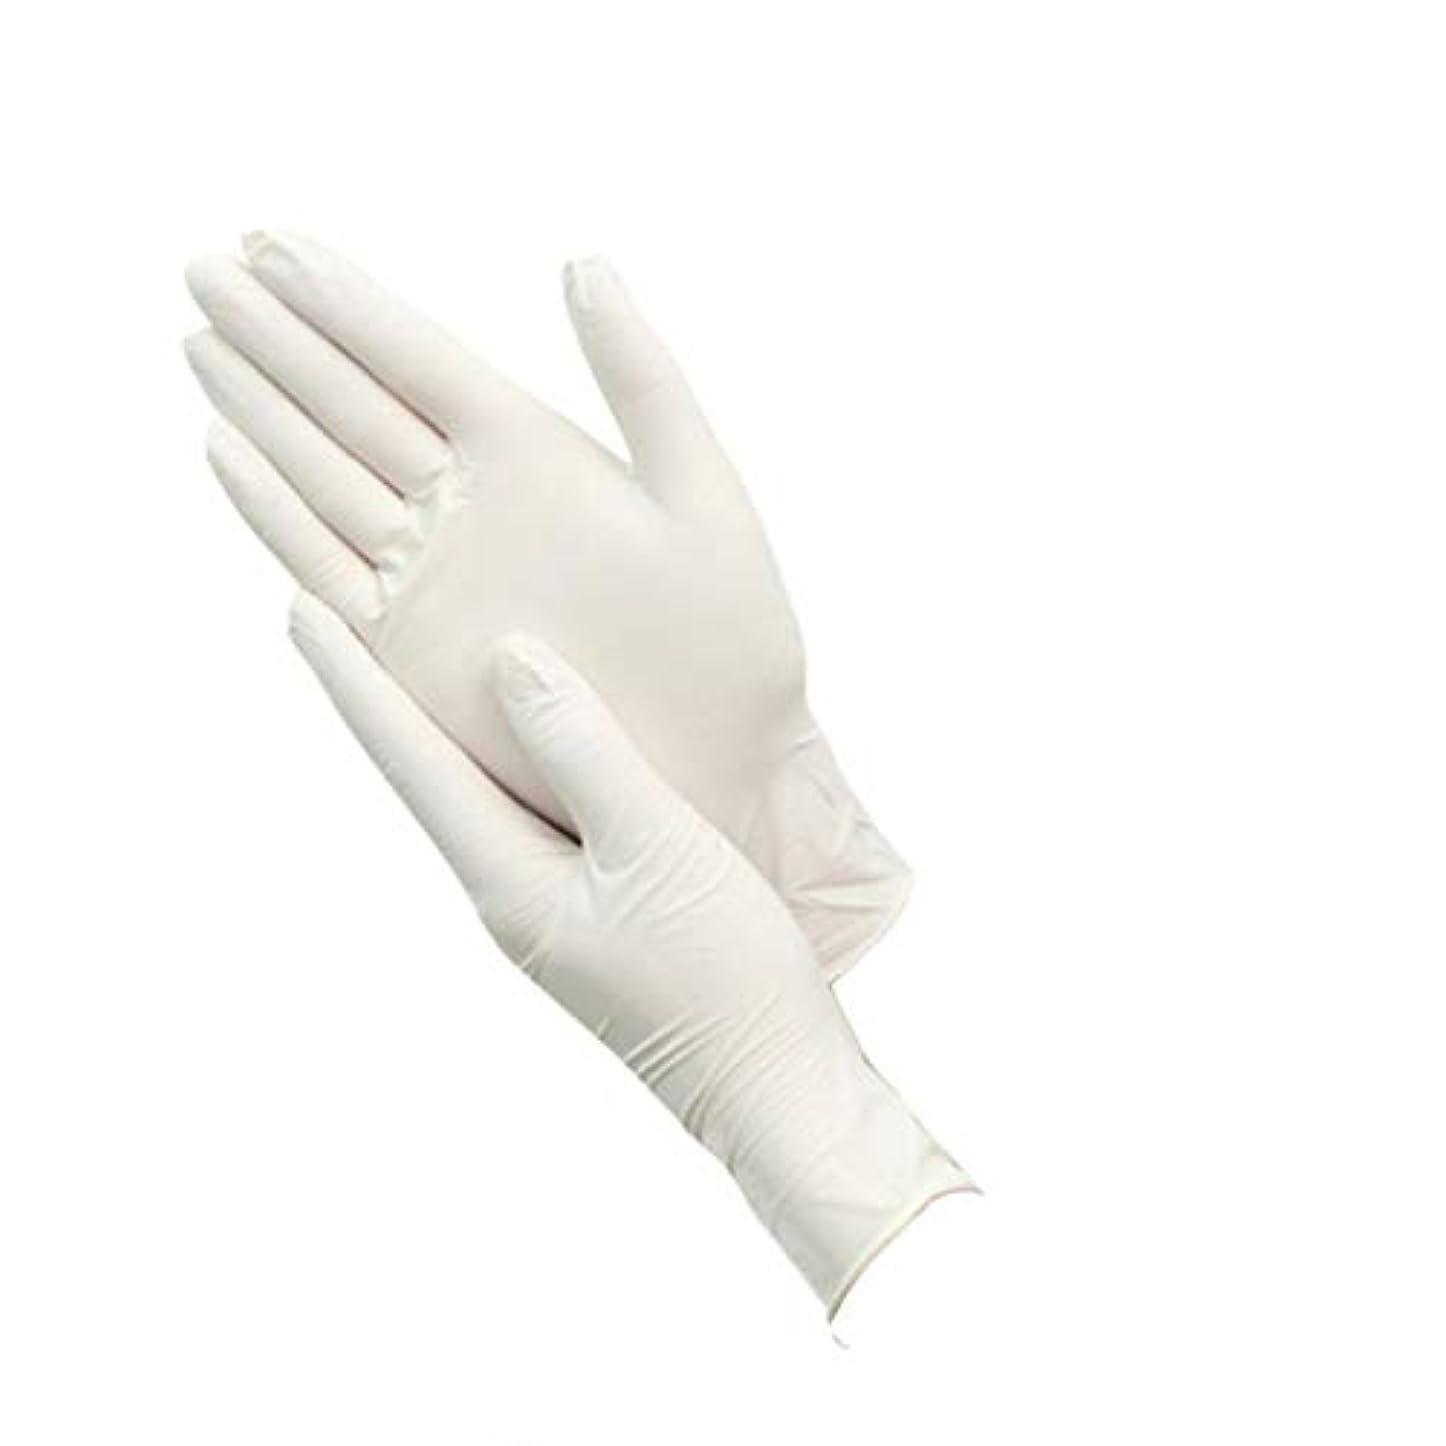 ほこりっぽい宅配便魔術師使い捨て手袋グッド100グラム増量ニトリルブタジエンゴム (サイズ さいず : XL)